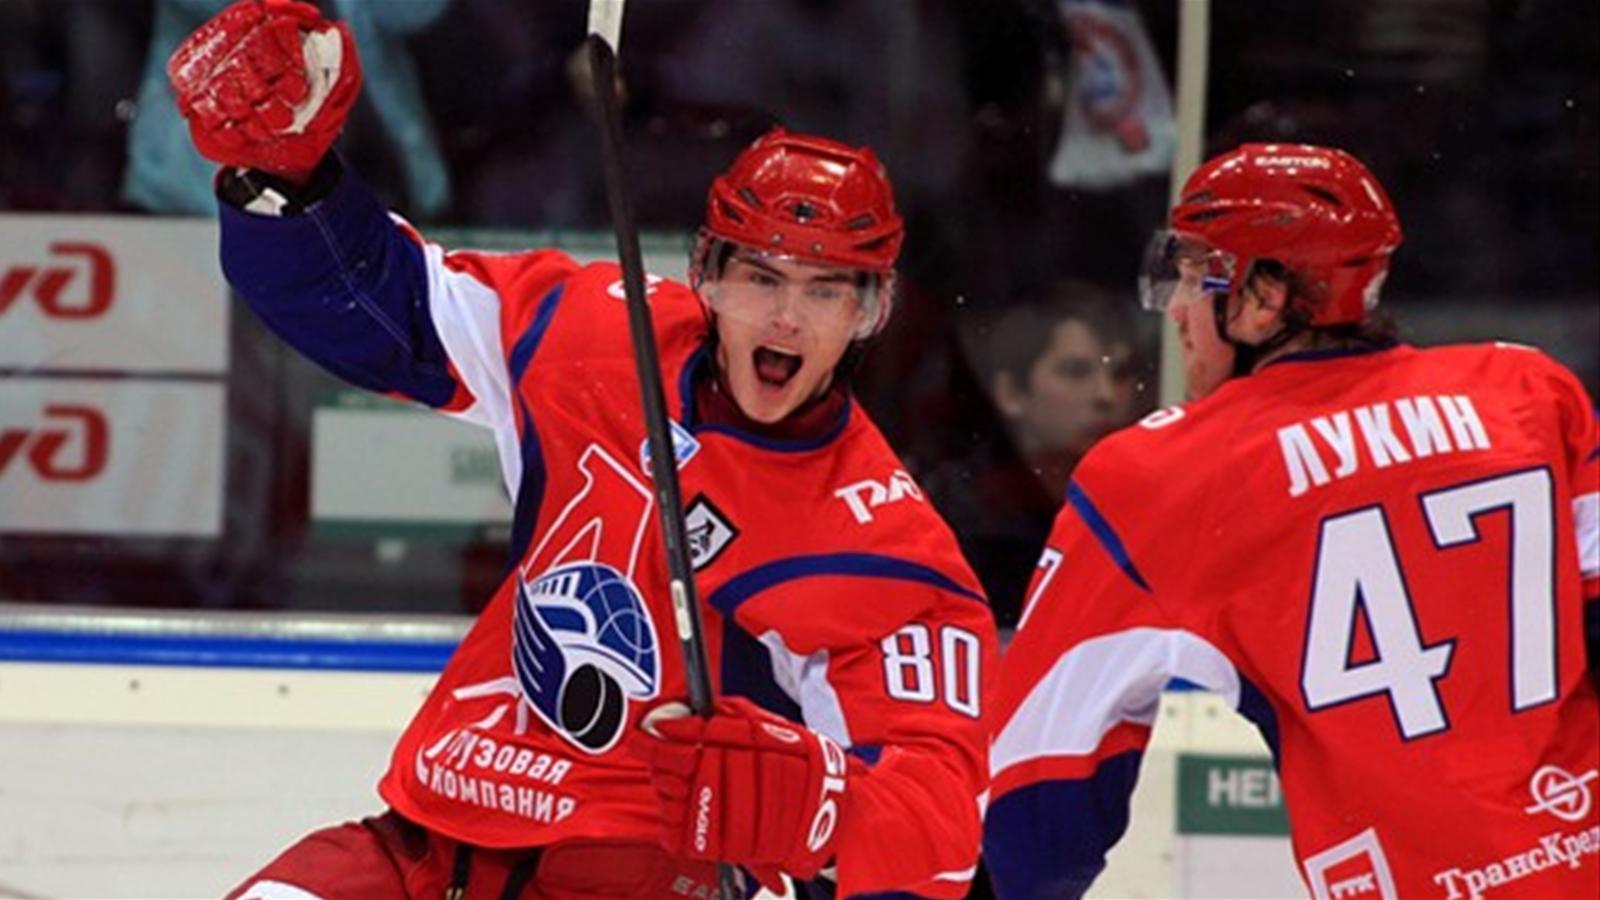 Фото погибших хоккеистов ярославского локомотива из челябинска 6